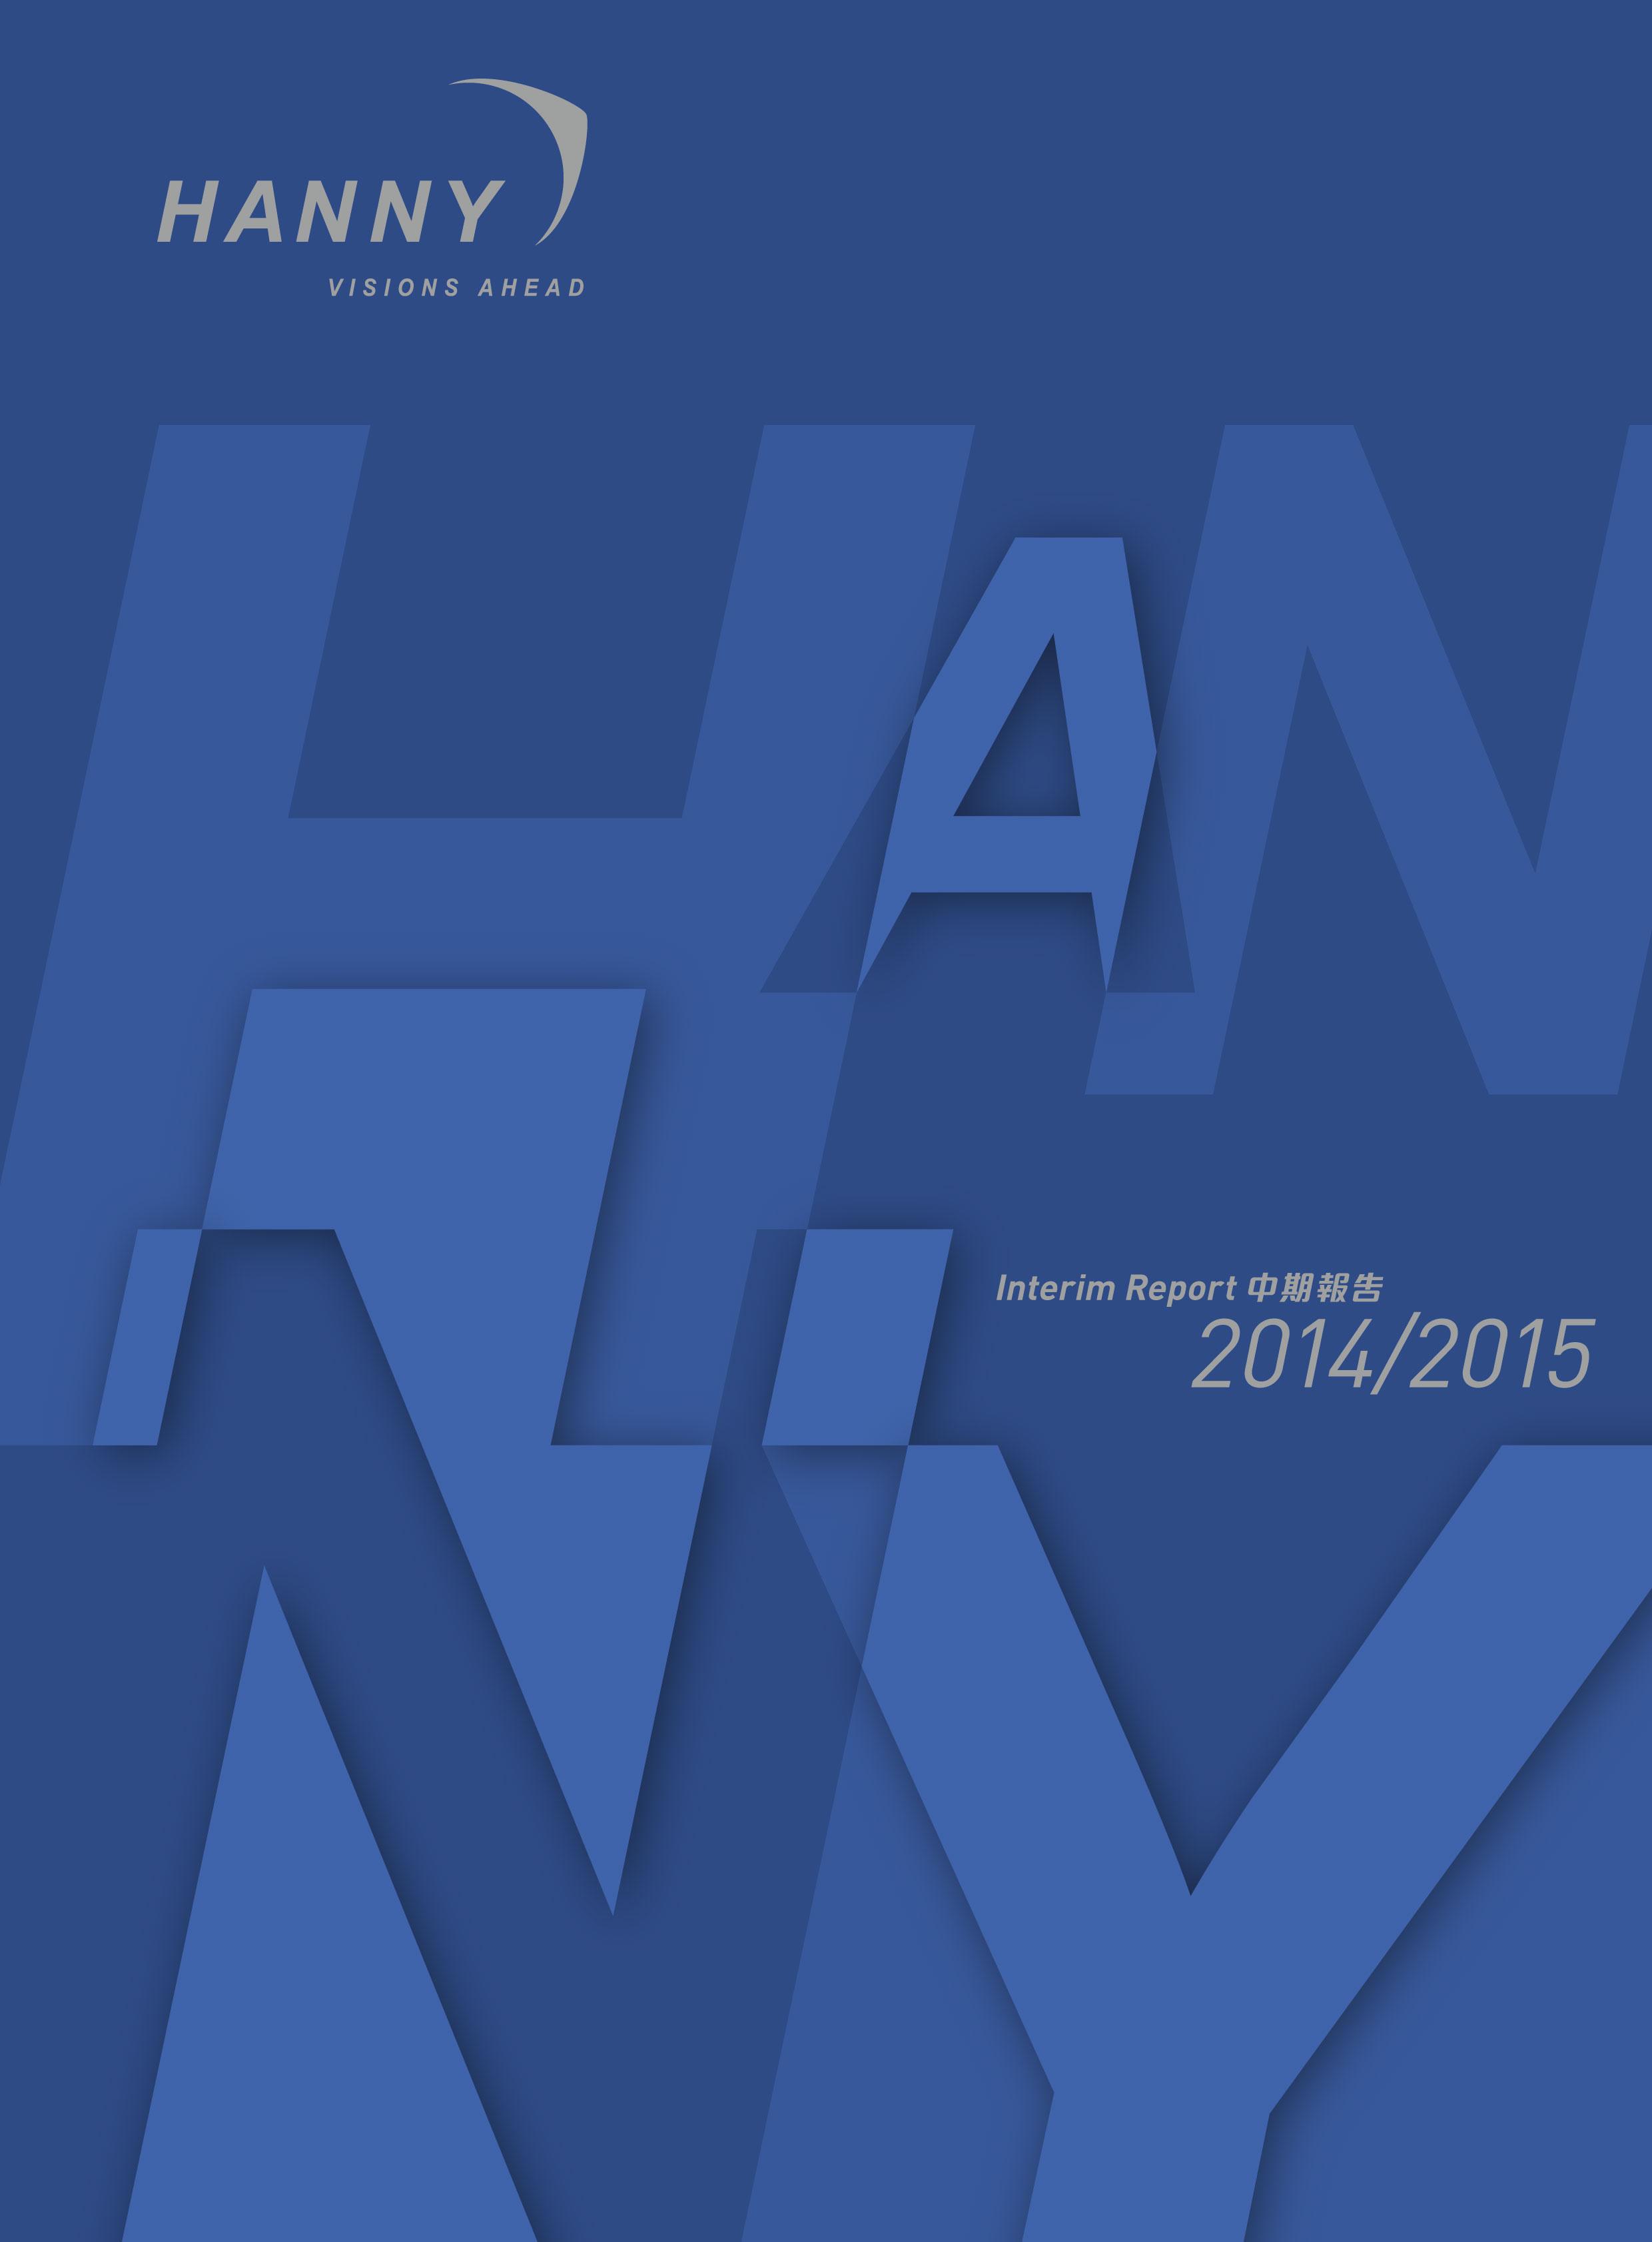 2014/2015 中期報告